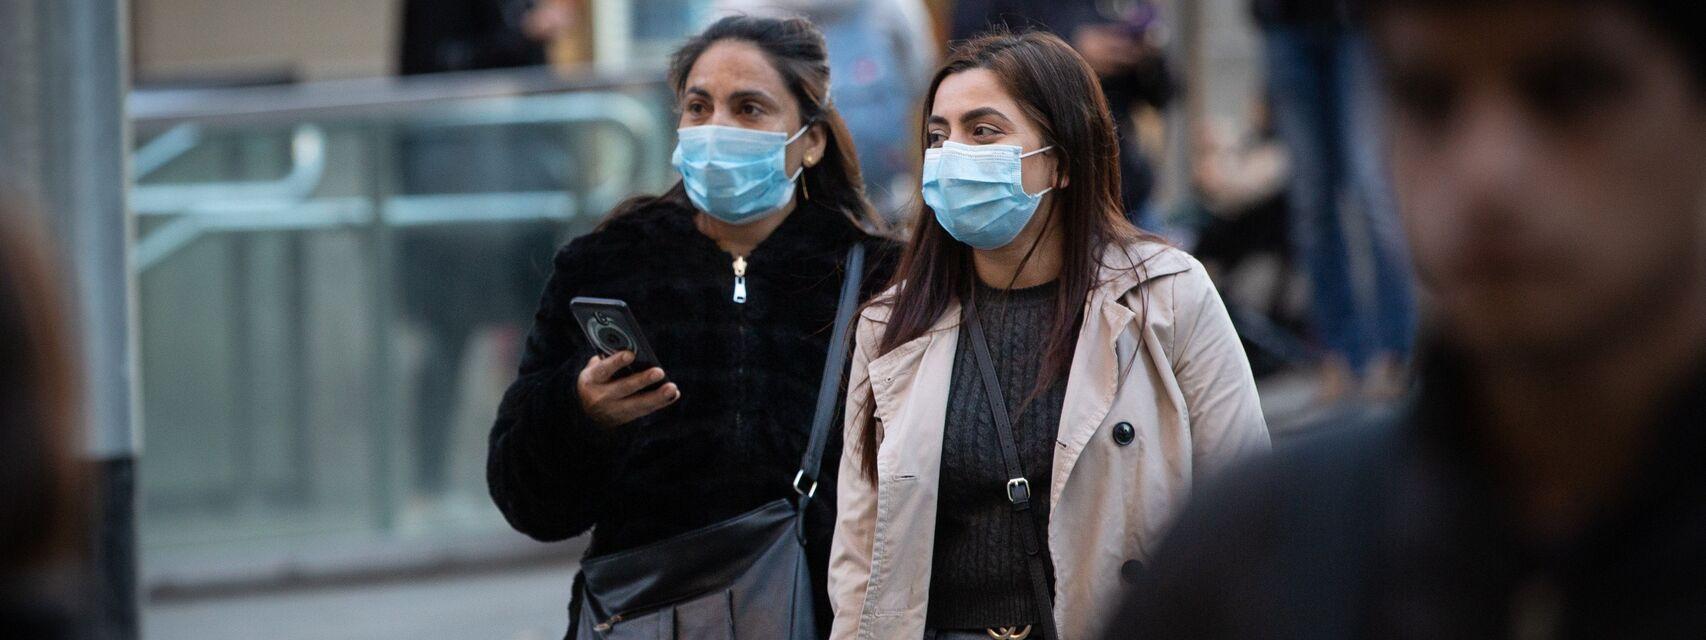 Coronavirus-Enfermedades_infecciosas-Infecciones-Salud_475962795_148667783_1706x640